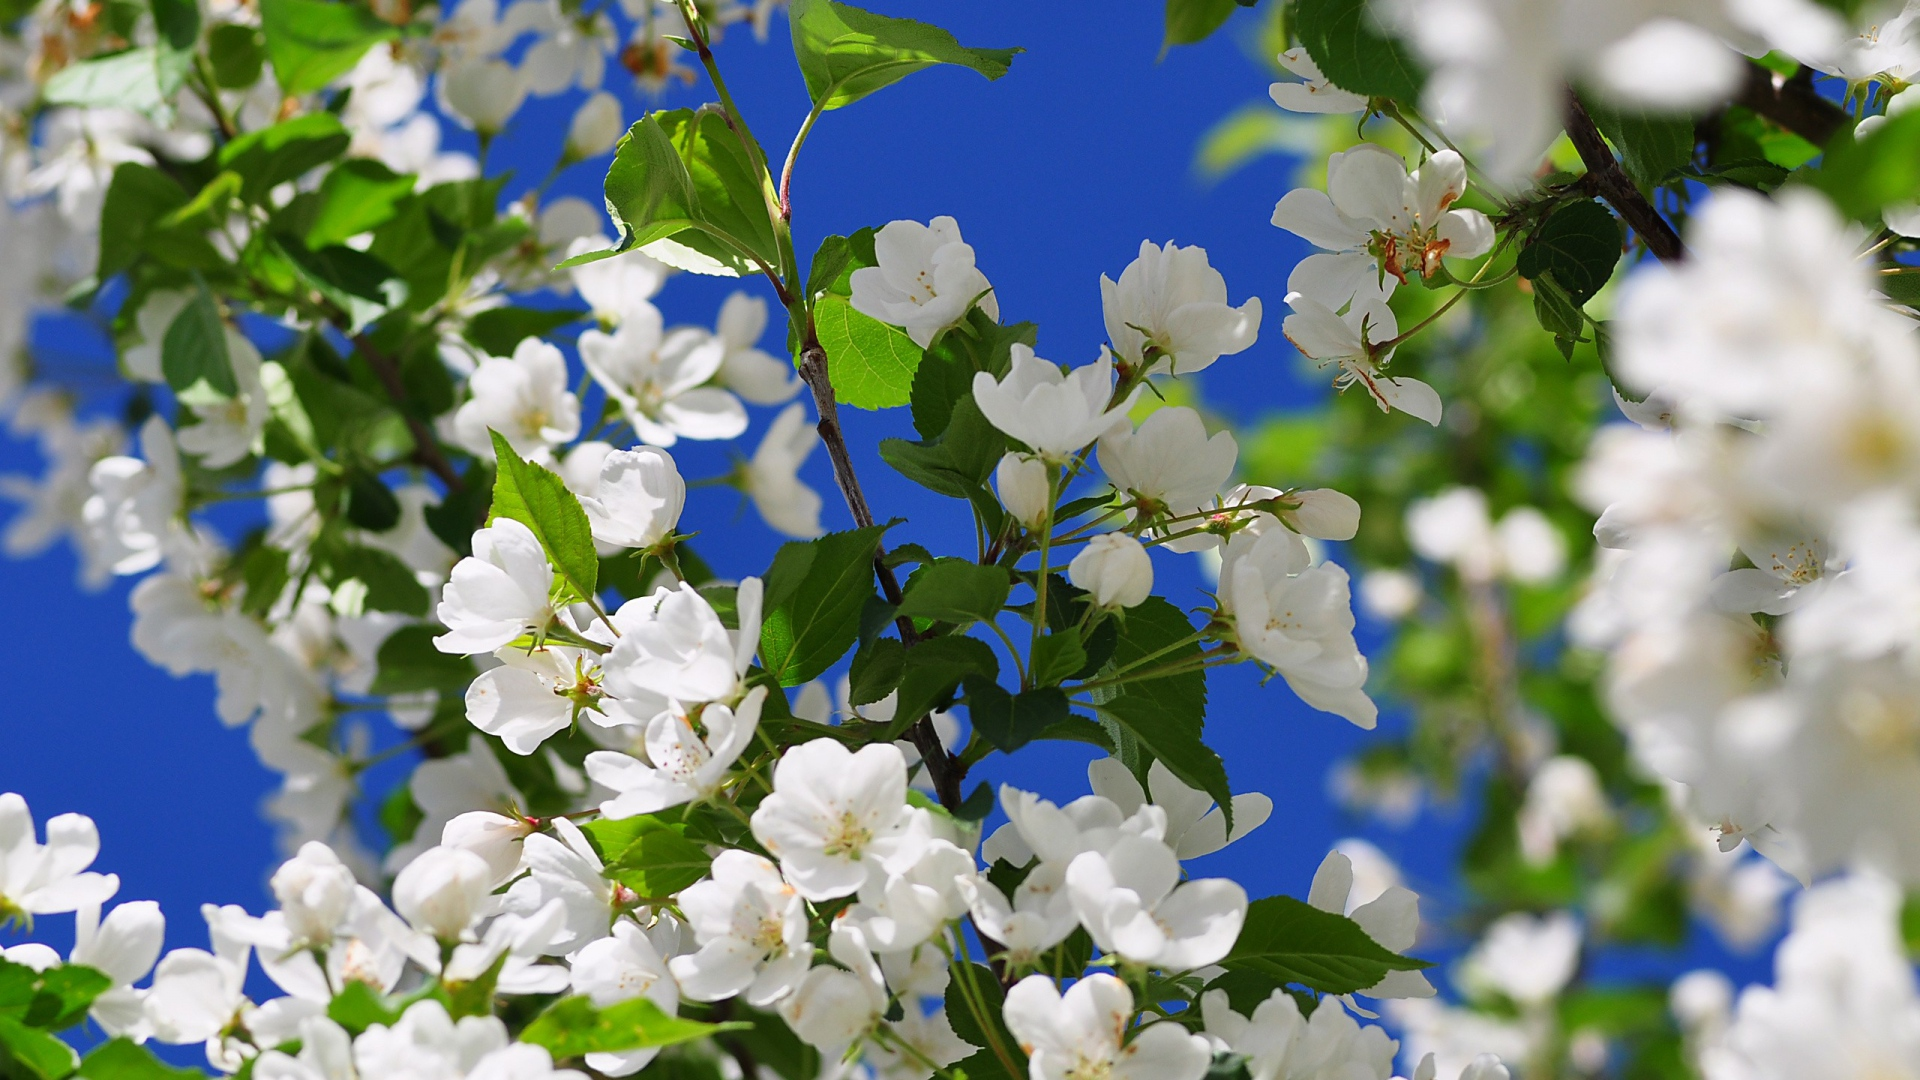 скачать обои на рабочий стол весна цветы